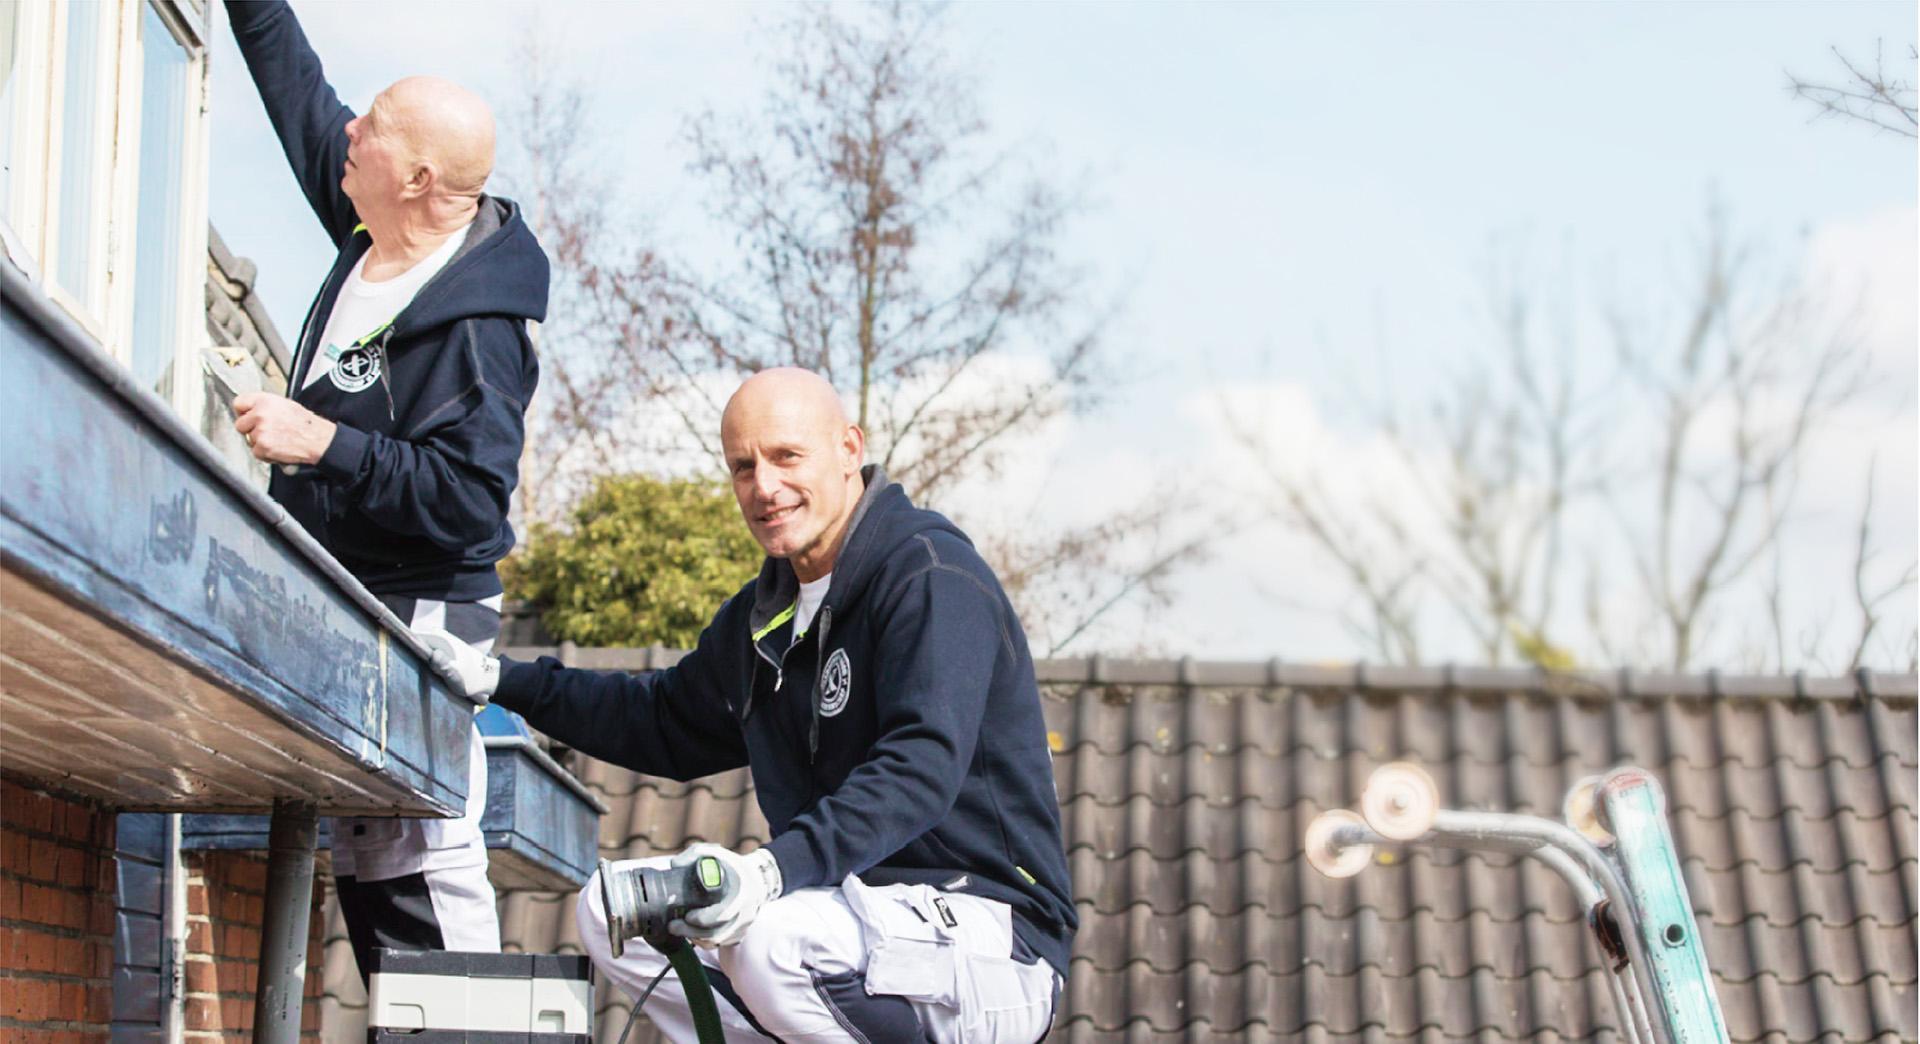 Schilder onderhoud particulier werk in de regio rotterdam for Schilder inhuren per uur